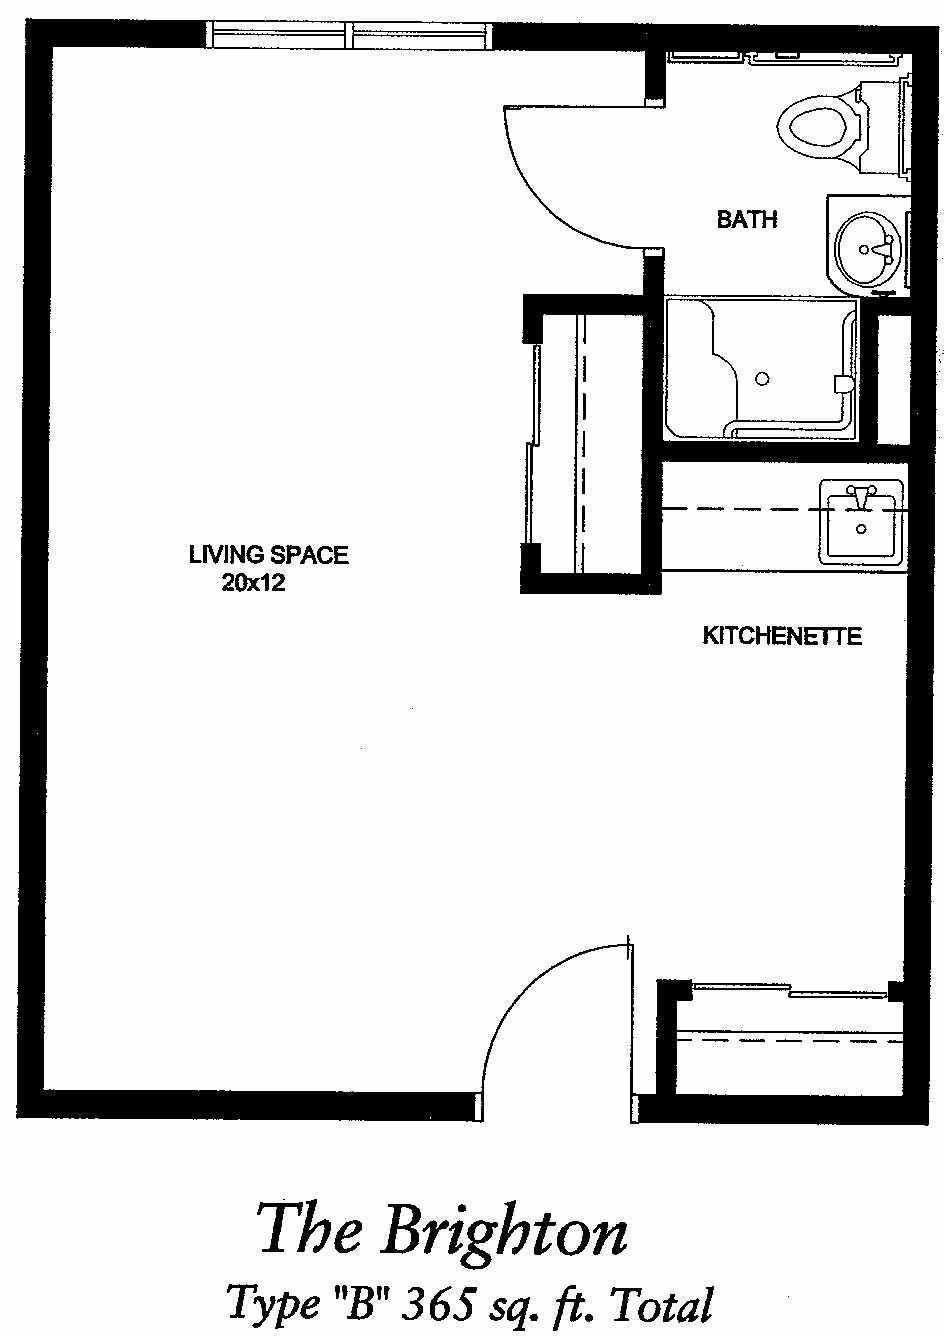 Studio Apartments 300 Square Feet Floor Plan Design Of Your